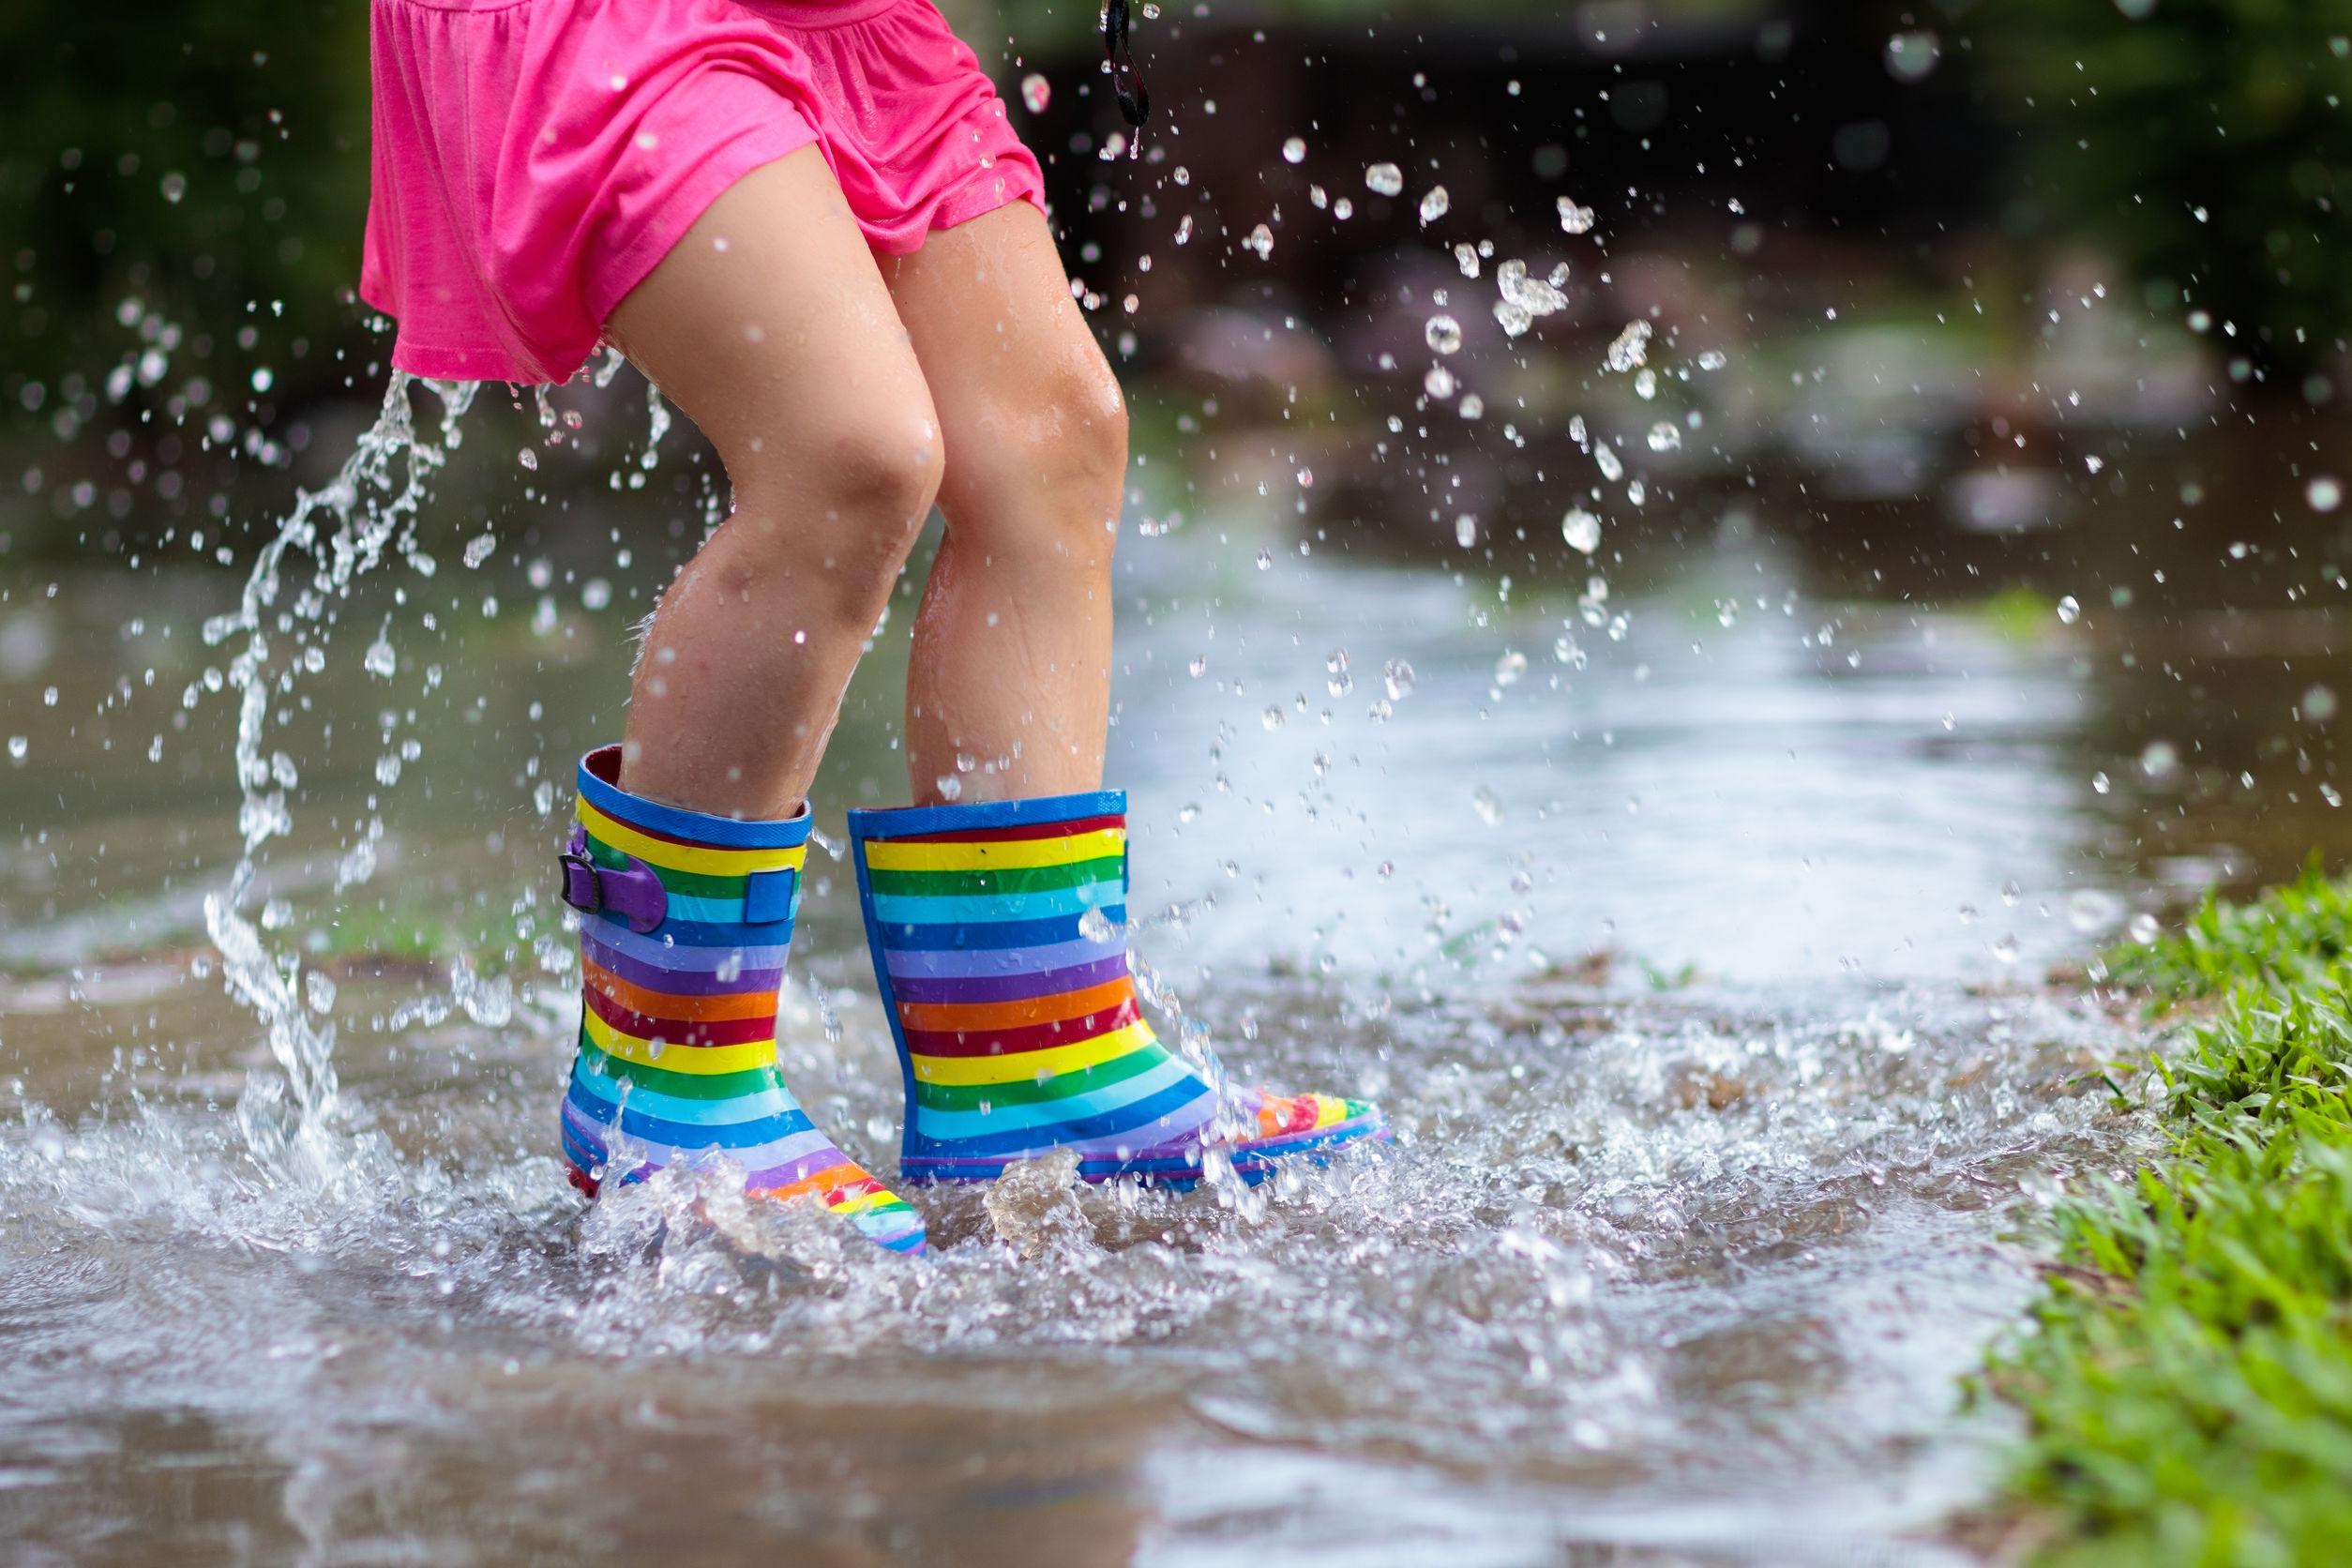 Gummistiefel Kinder: Test & Empfehlungen (05/21)